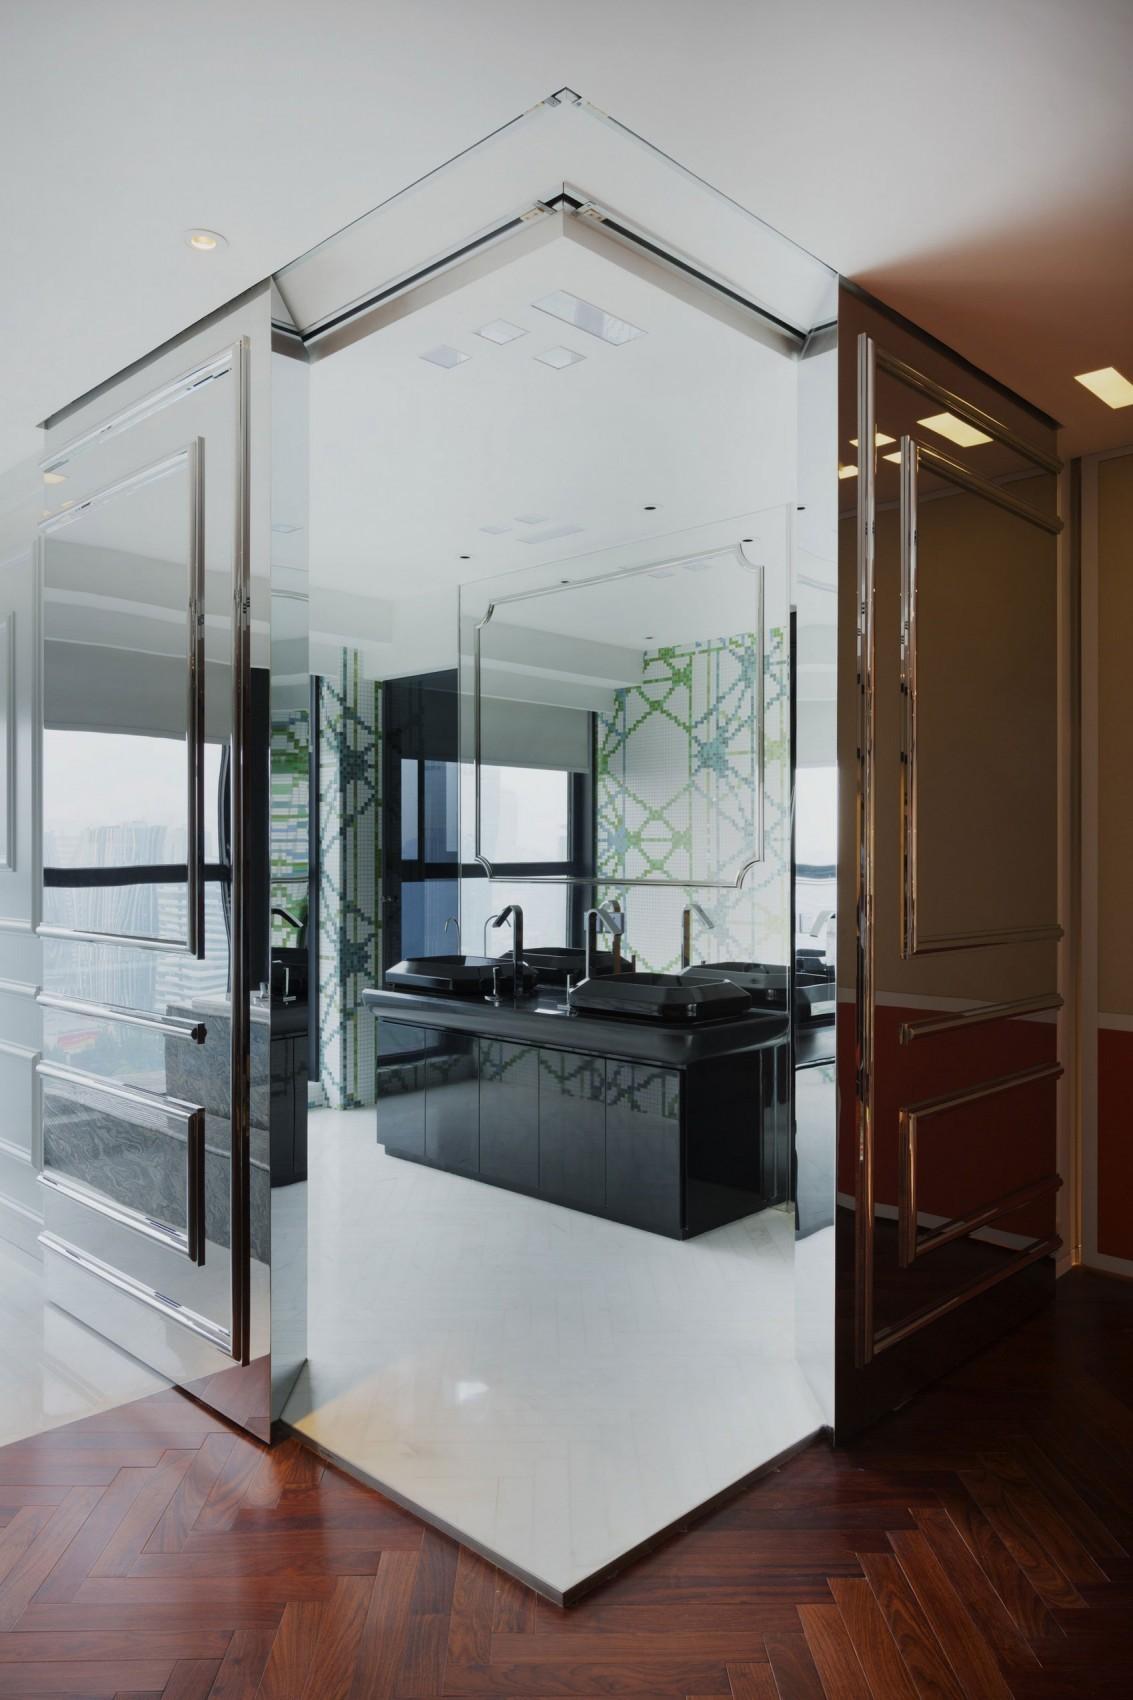 Ванная комната в современном стиле с зеркальными стенами